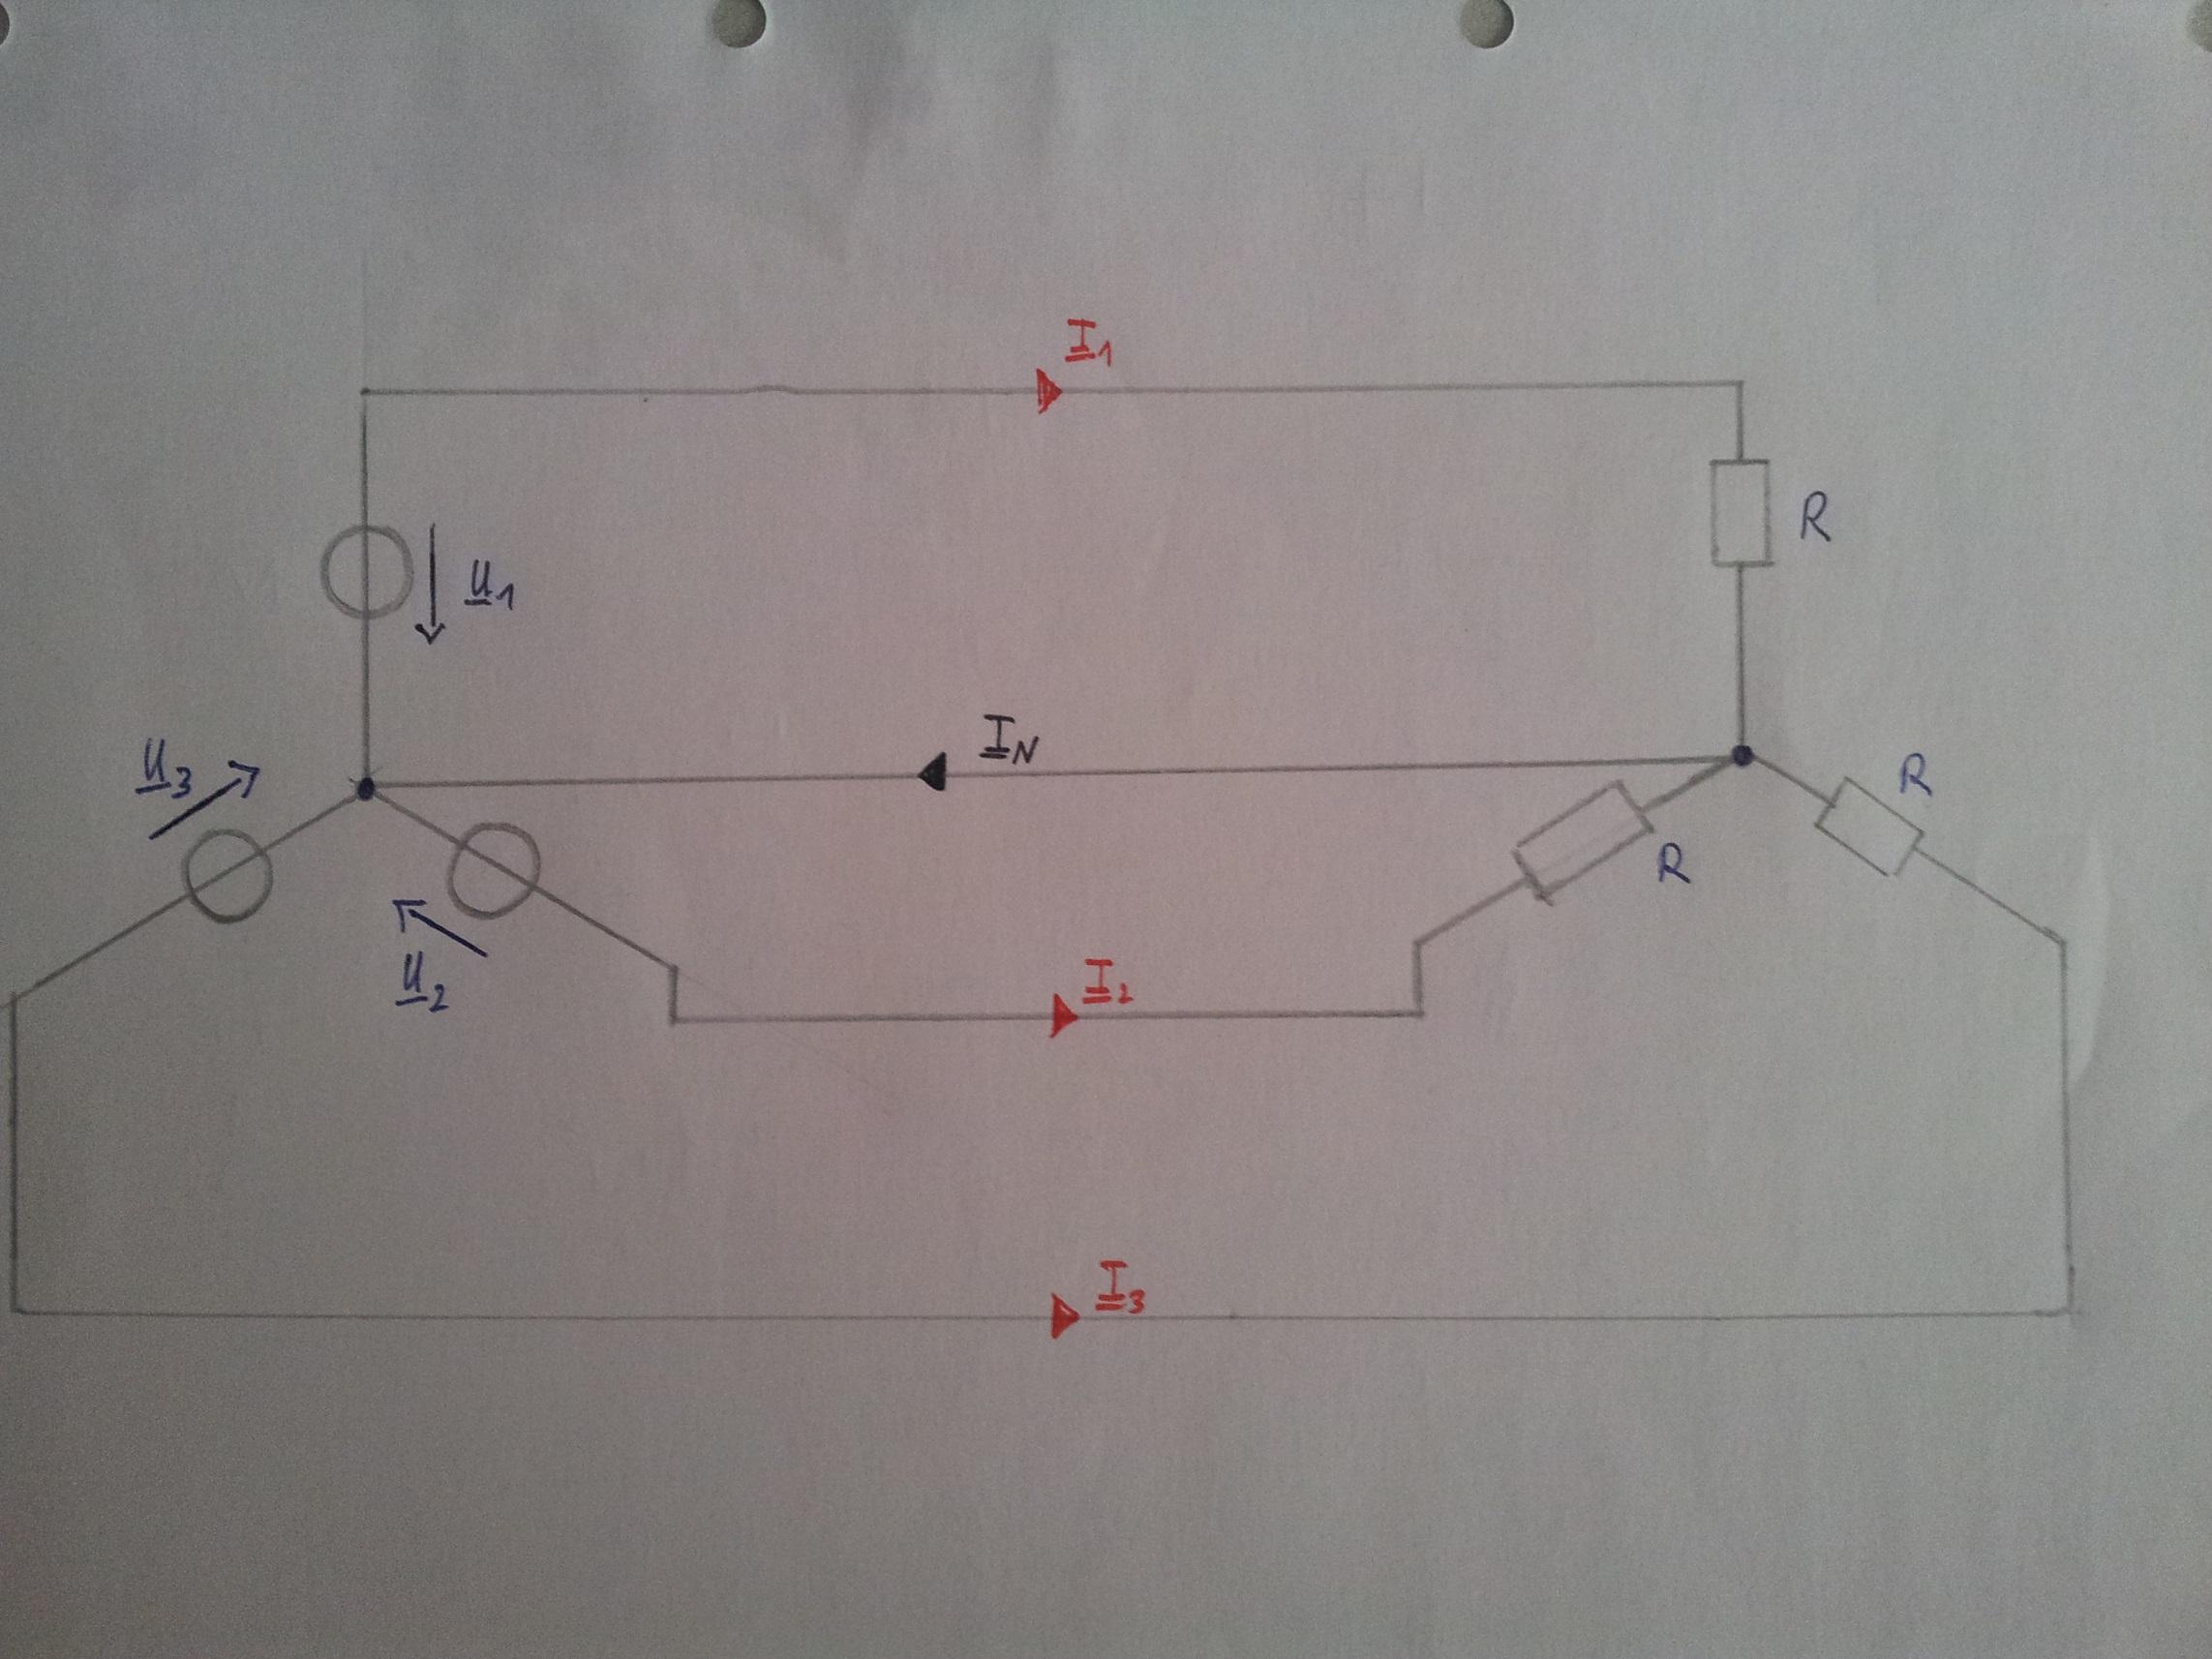 Ströme im Mehr- / Dreiphasensystem (Strom, Elektrotechnik, Drehstrom)